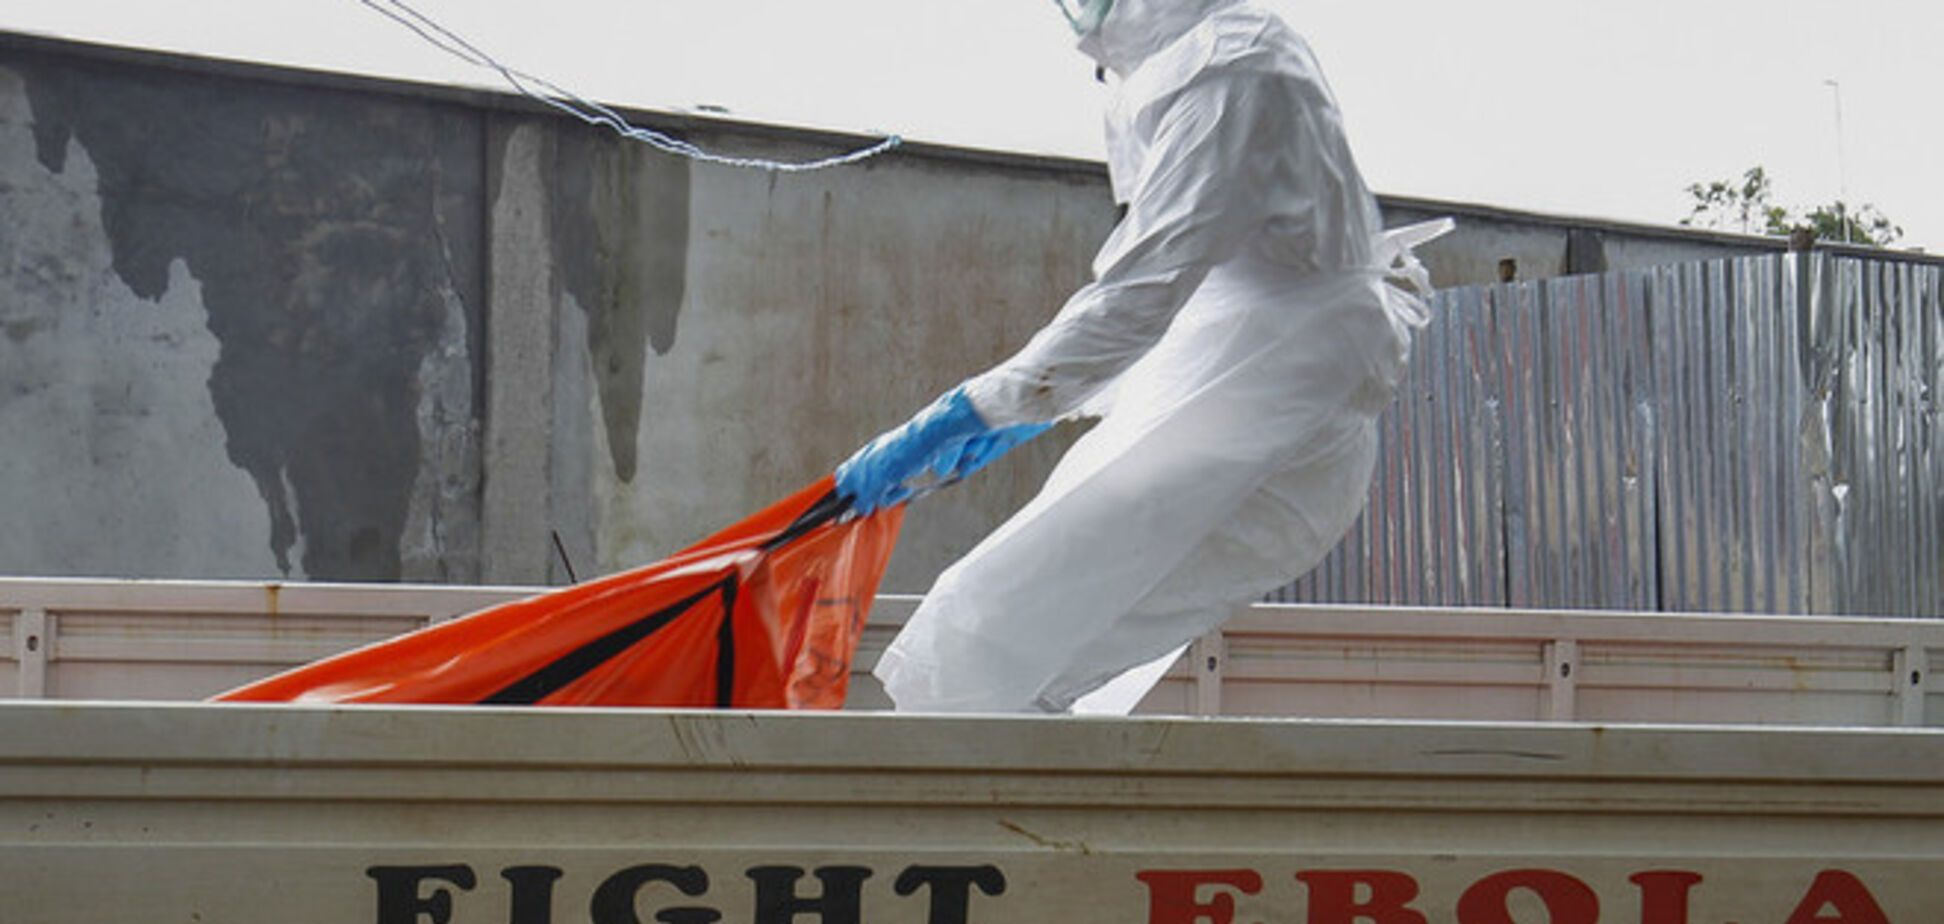 До кінця року вірус Ебола вразить близько 20 тис. Осіб - ВООЗ